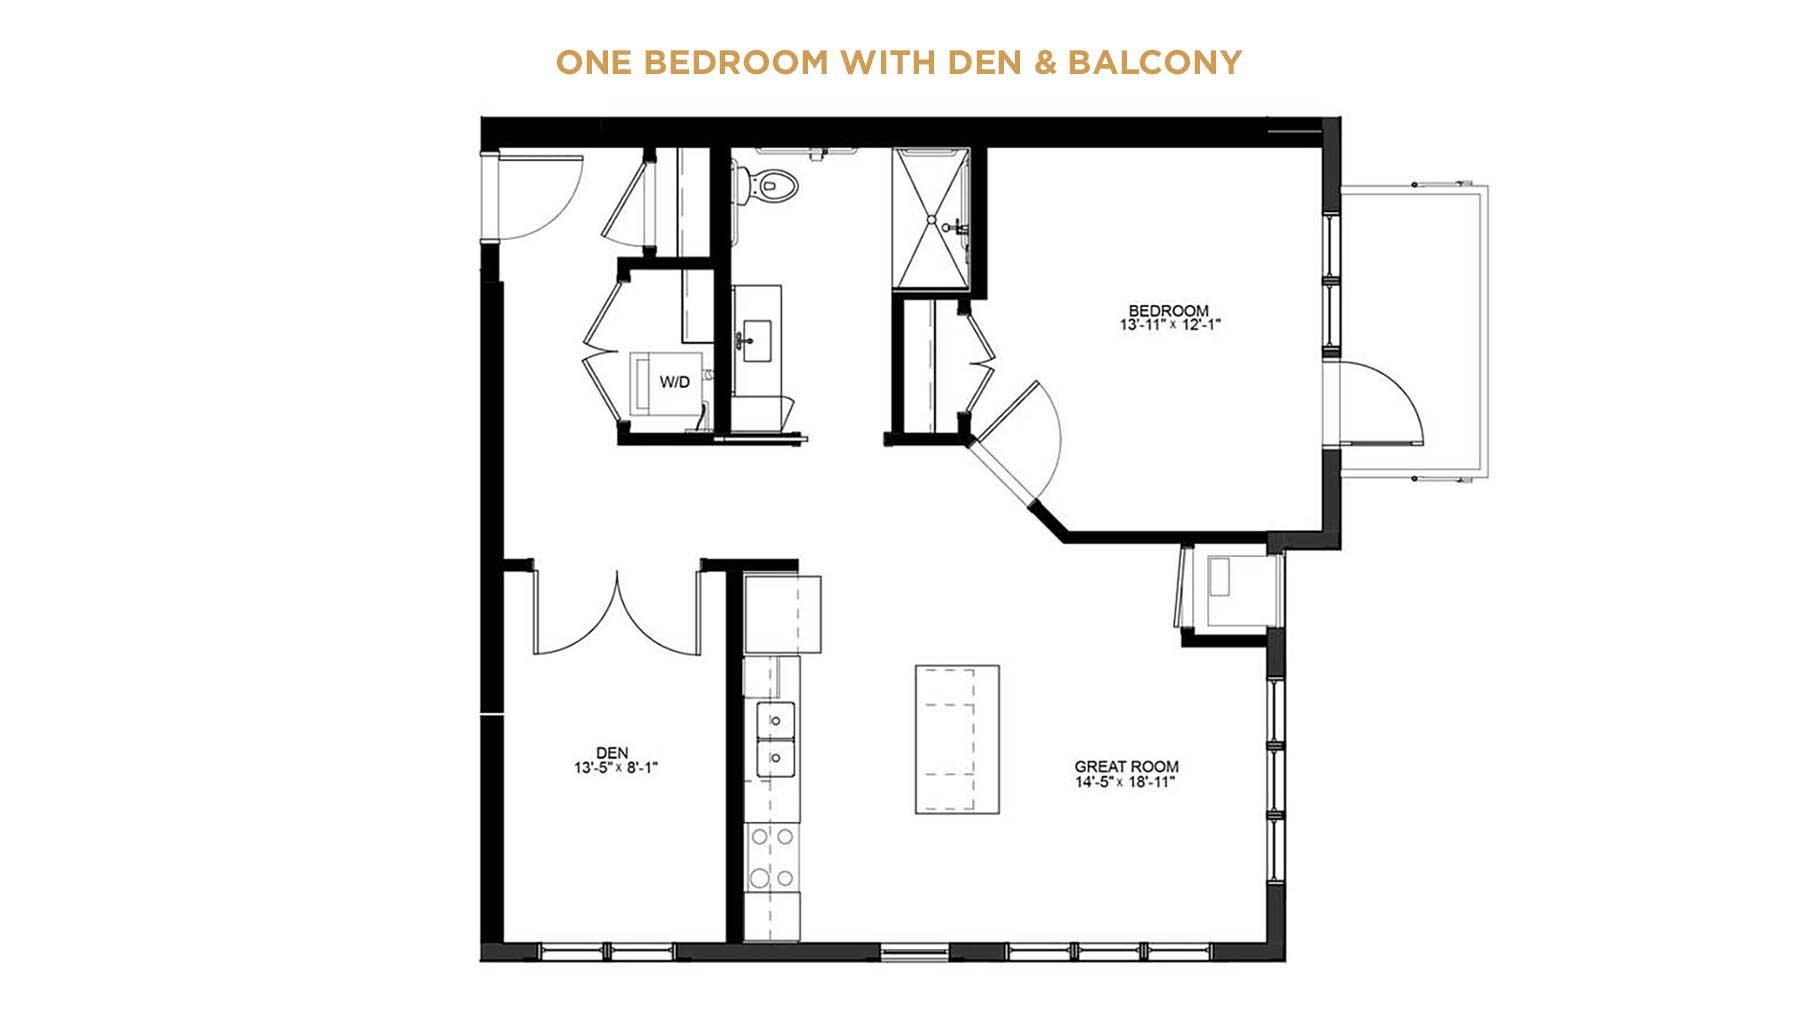 one bedroom with den floorplan